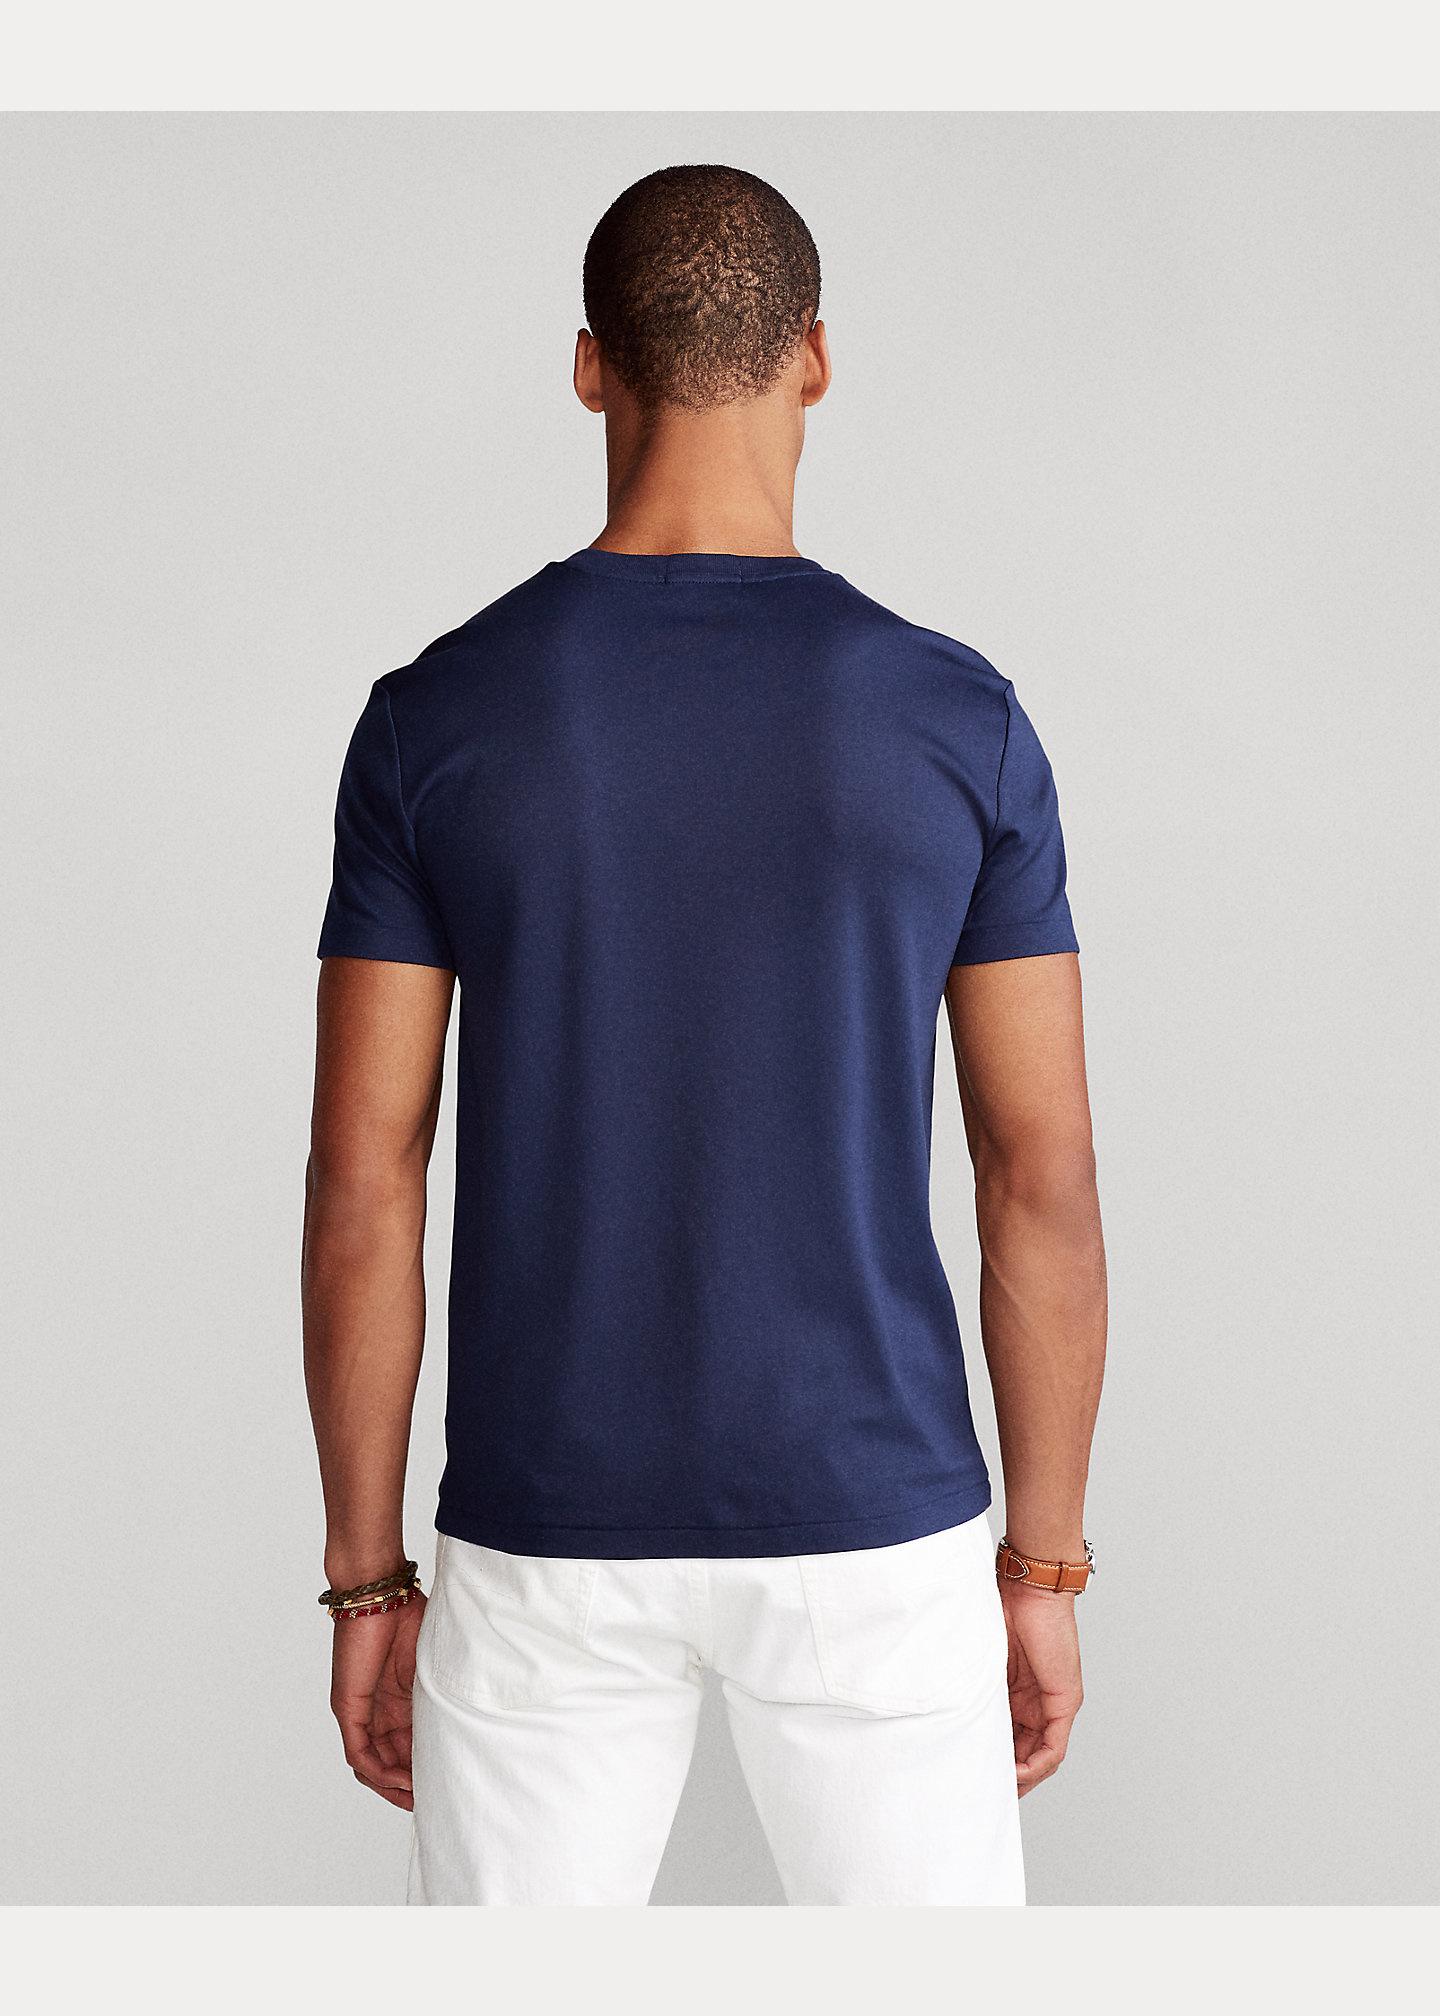 Ralph Lauren T-shirt Ralph Lauren 710-740727-003